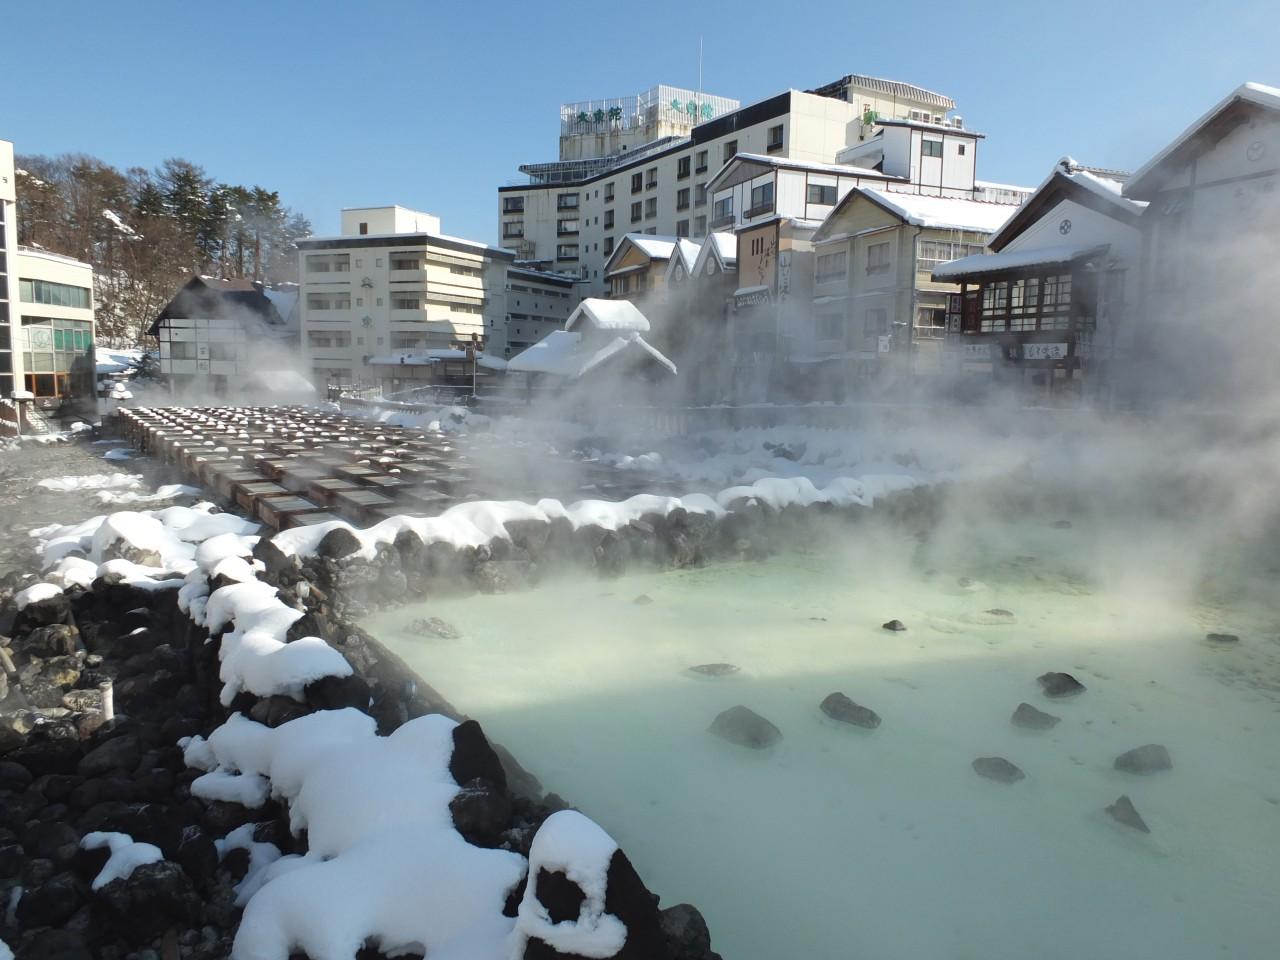 der Onsen-Ort Kusatsu Onsen im Winter